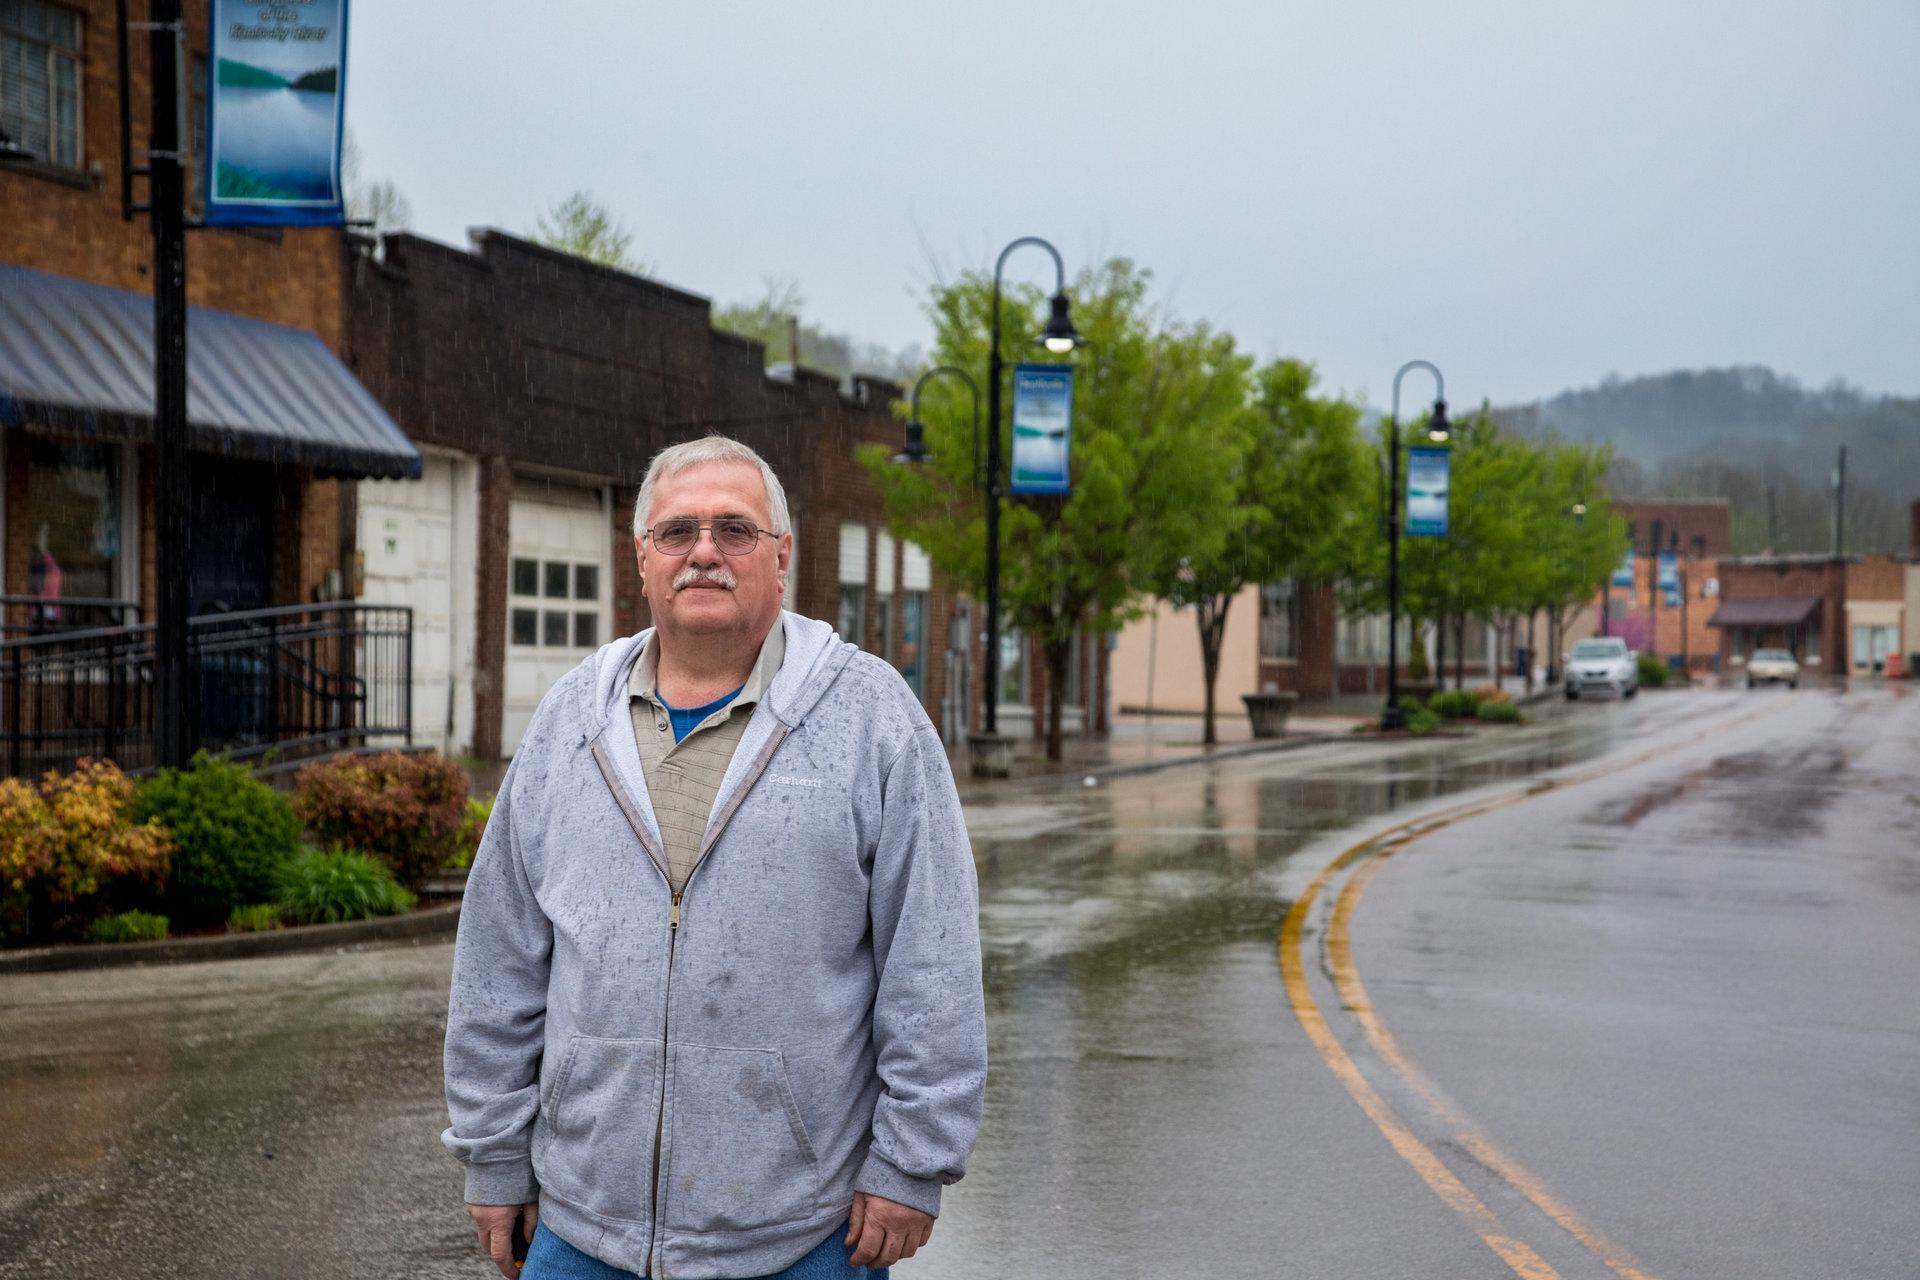 Edward Scott Jackson, maire de Beattyville depuis le début de l'année. Il était auparavant le «dog catcher» du coin.